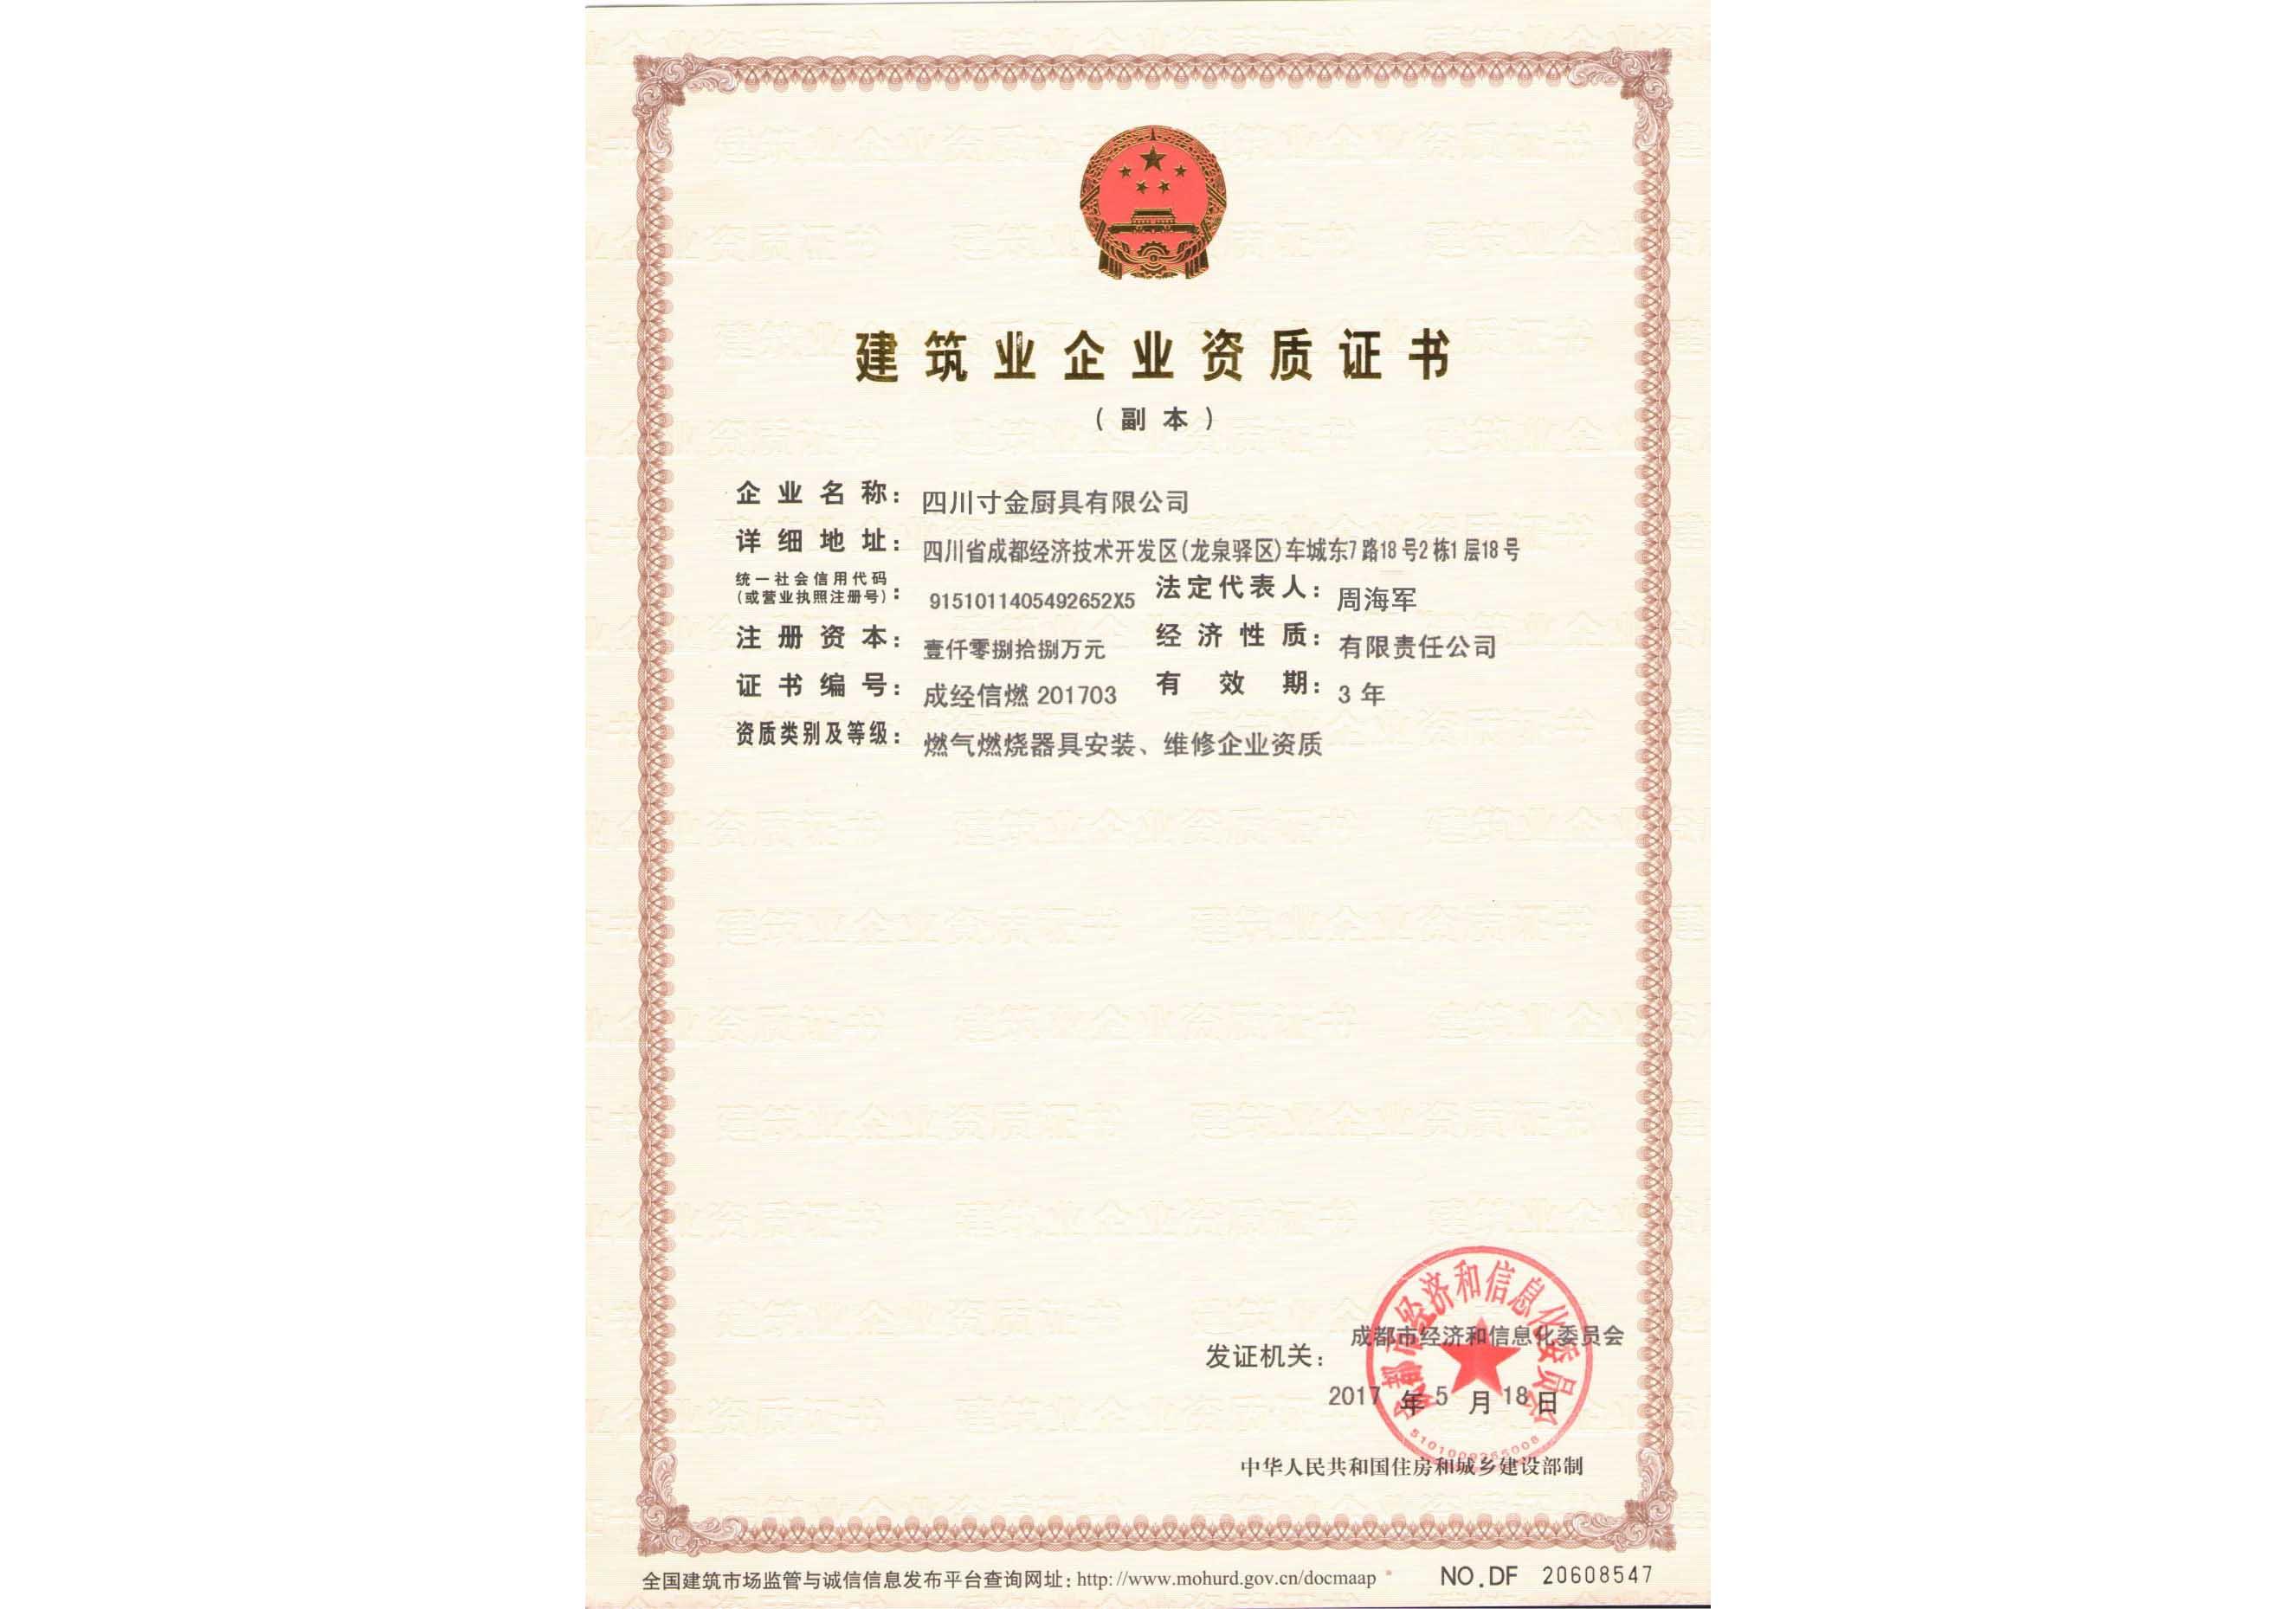 燃气燃烧器具安装、维修企业资质证书